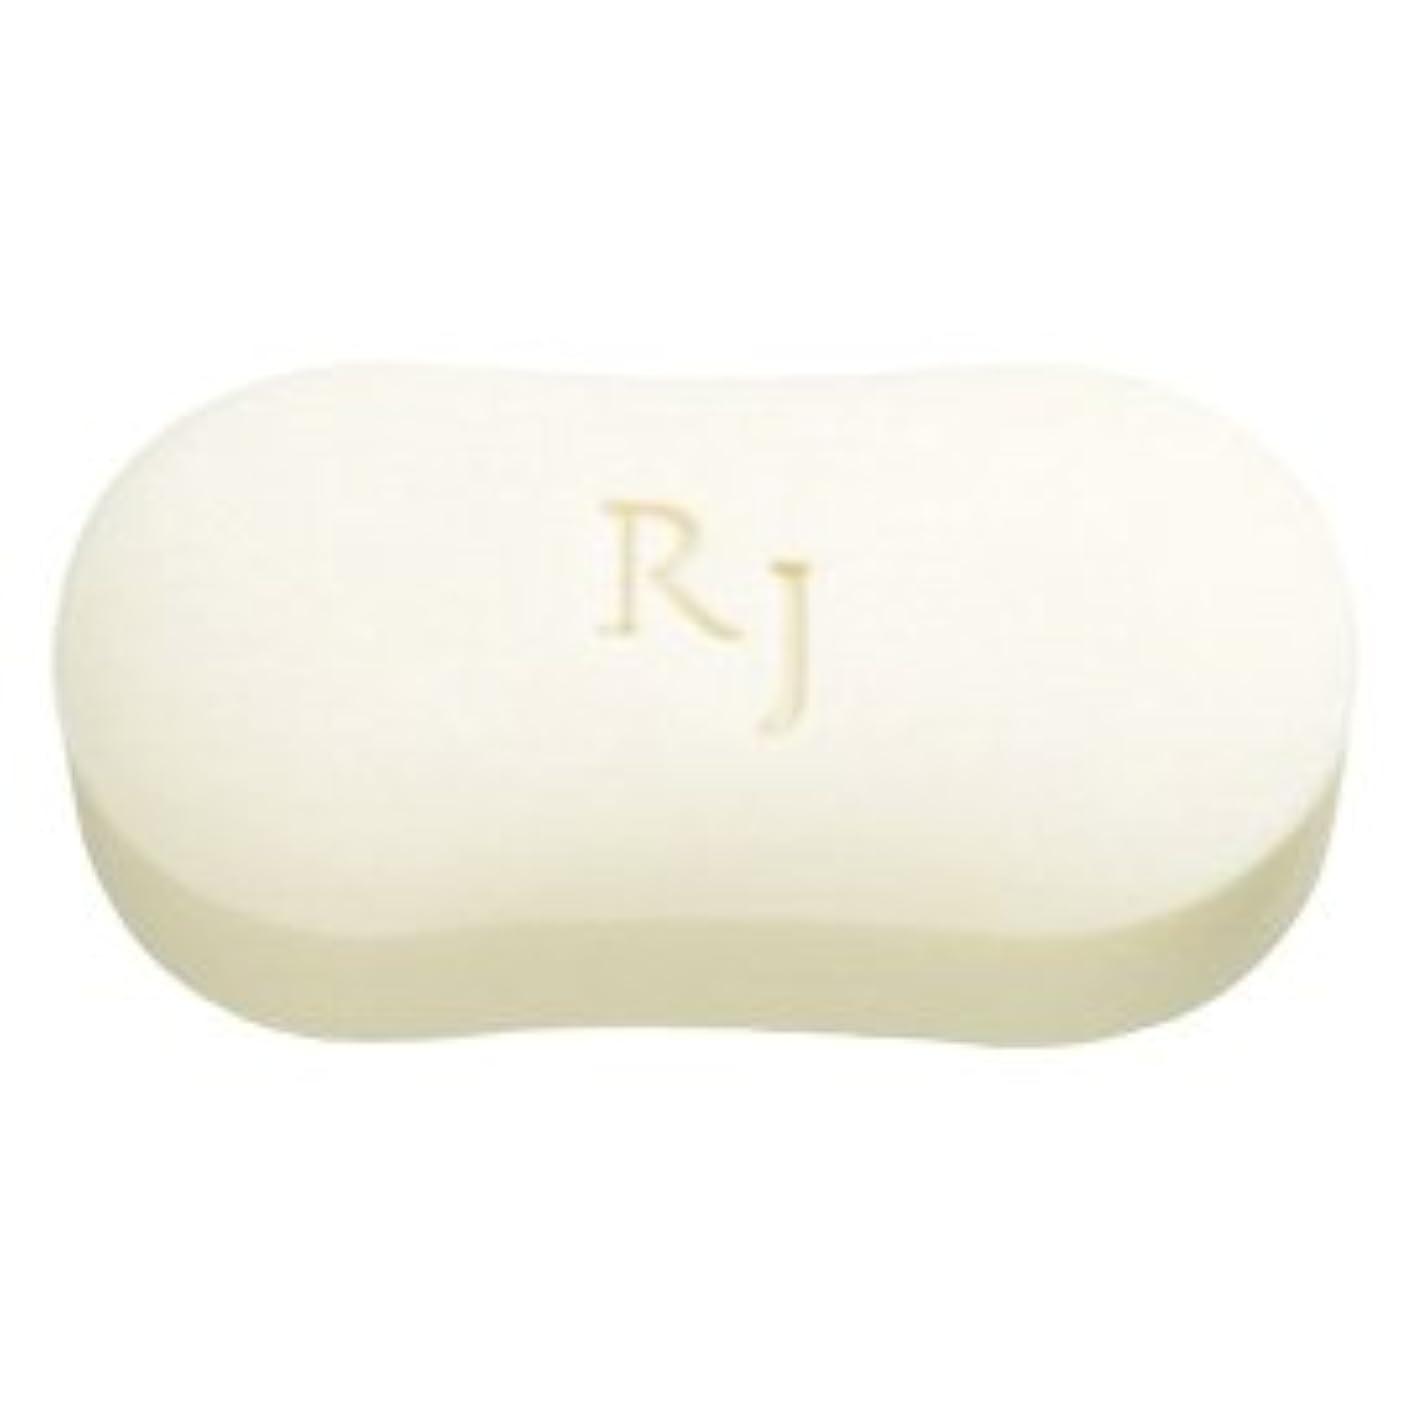 レンダー没頭するイタリアのRJホワイトソープ(洗顔石鹸?ボディソープ) 脂性肌用 120g/Royal Jelly White Soap<120g>